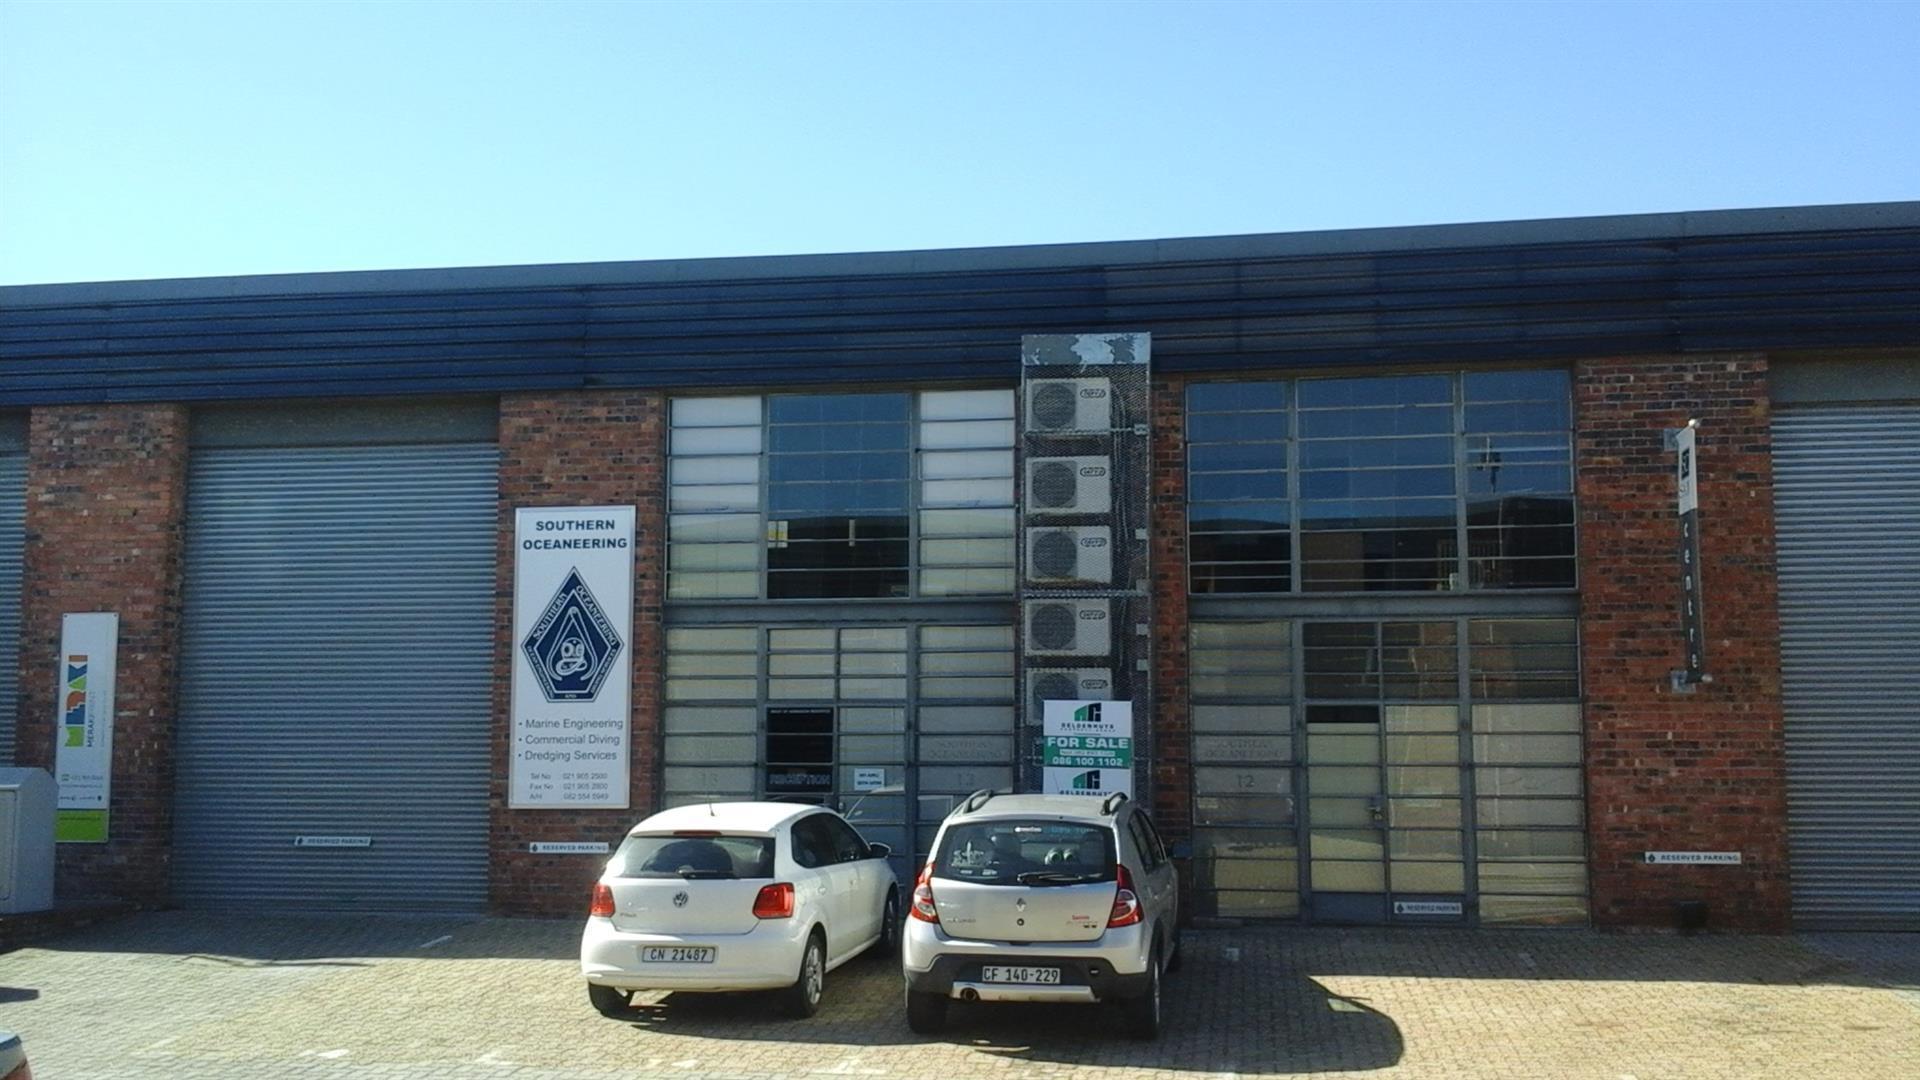 280 m2 Factory FOR SALE Saxenburg Park 1 Blackheath @ R 6 250 /m2 = R 1 750  000 + VAT